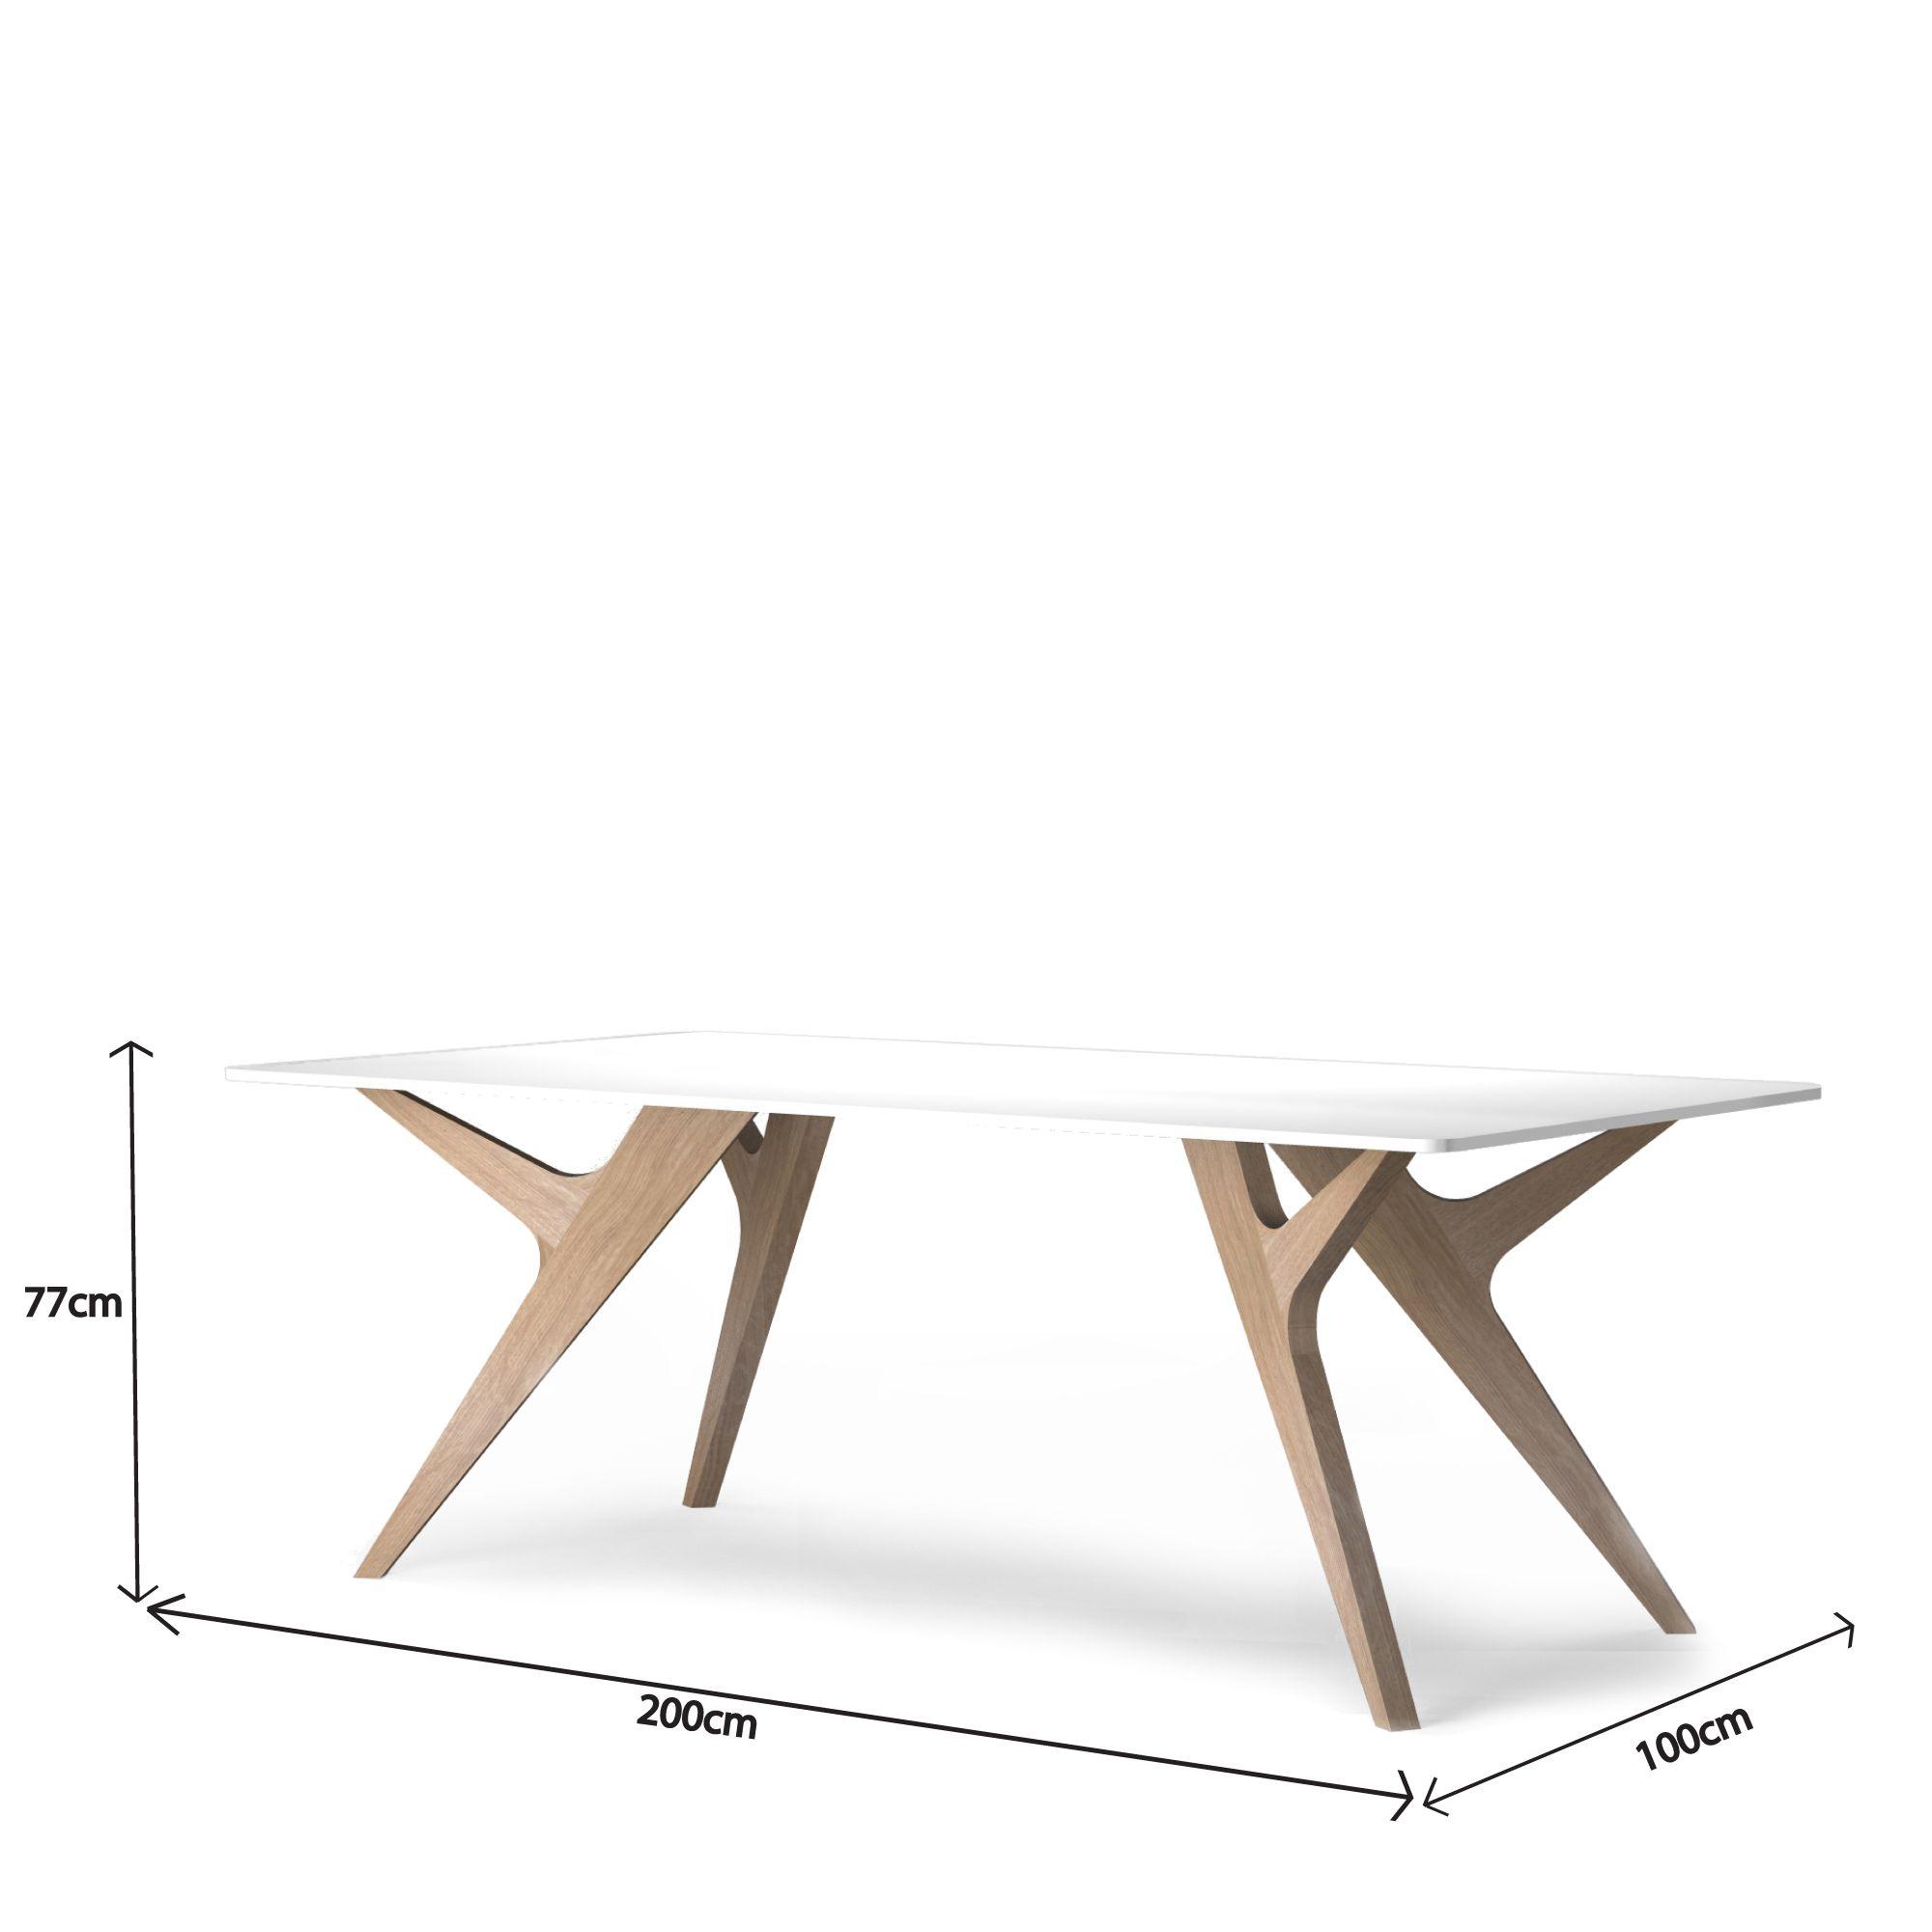 Table Bois Blanc Design Chene Made France Scandinave Audrey Savelon Table Blanche Et Bois Meuble Haut De Gamme Table Bois